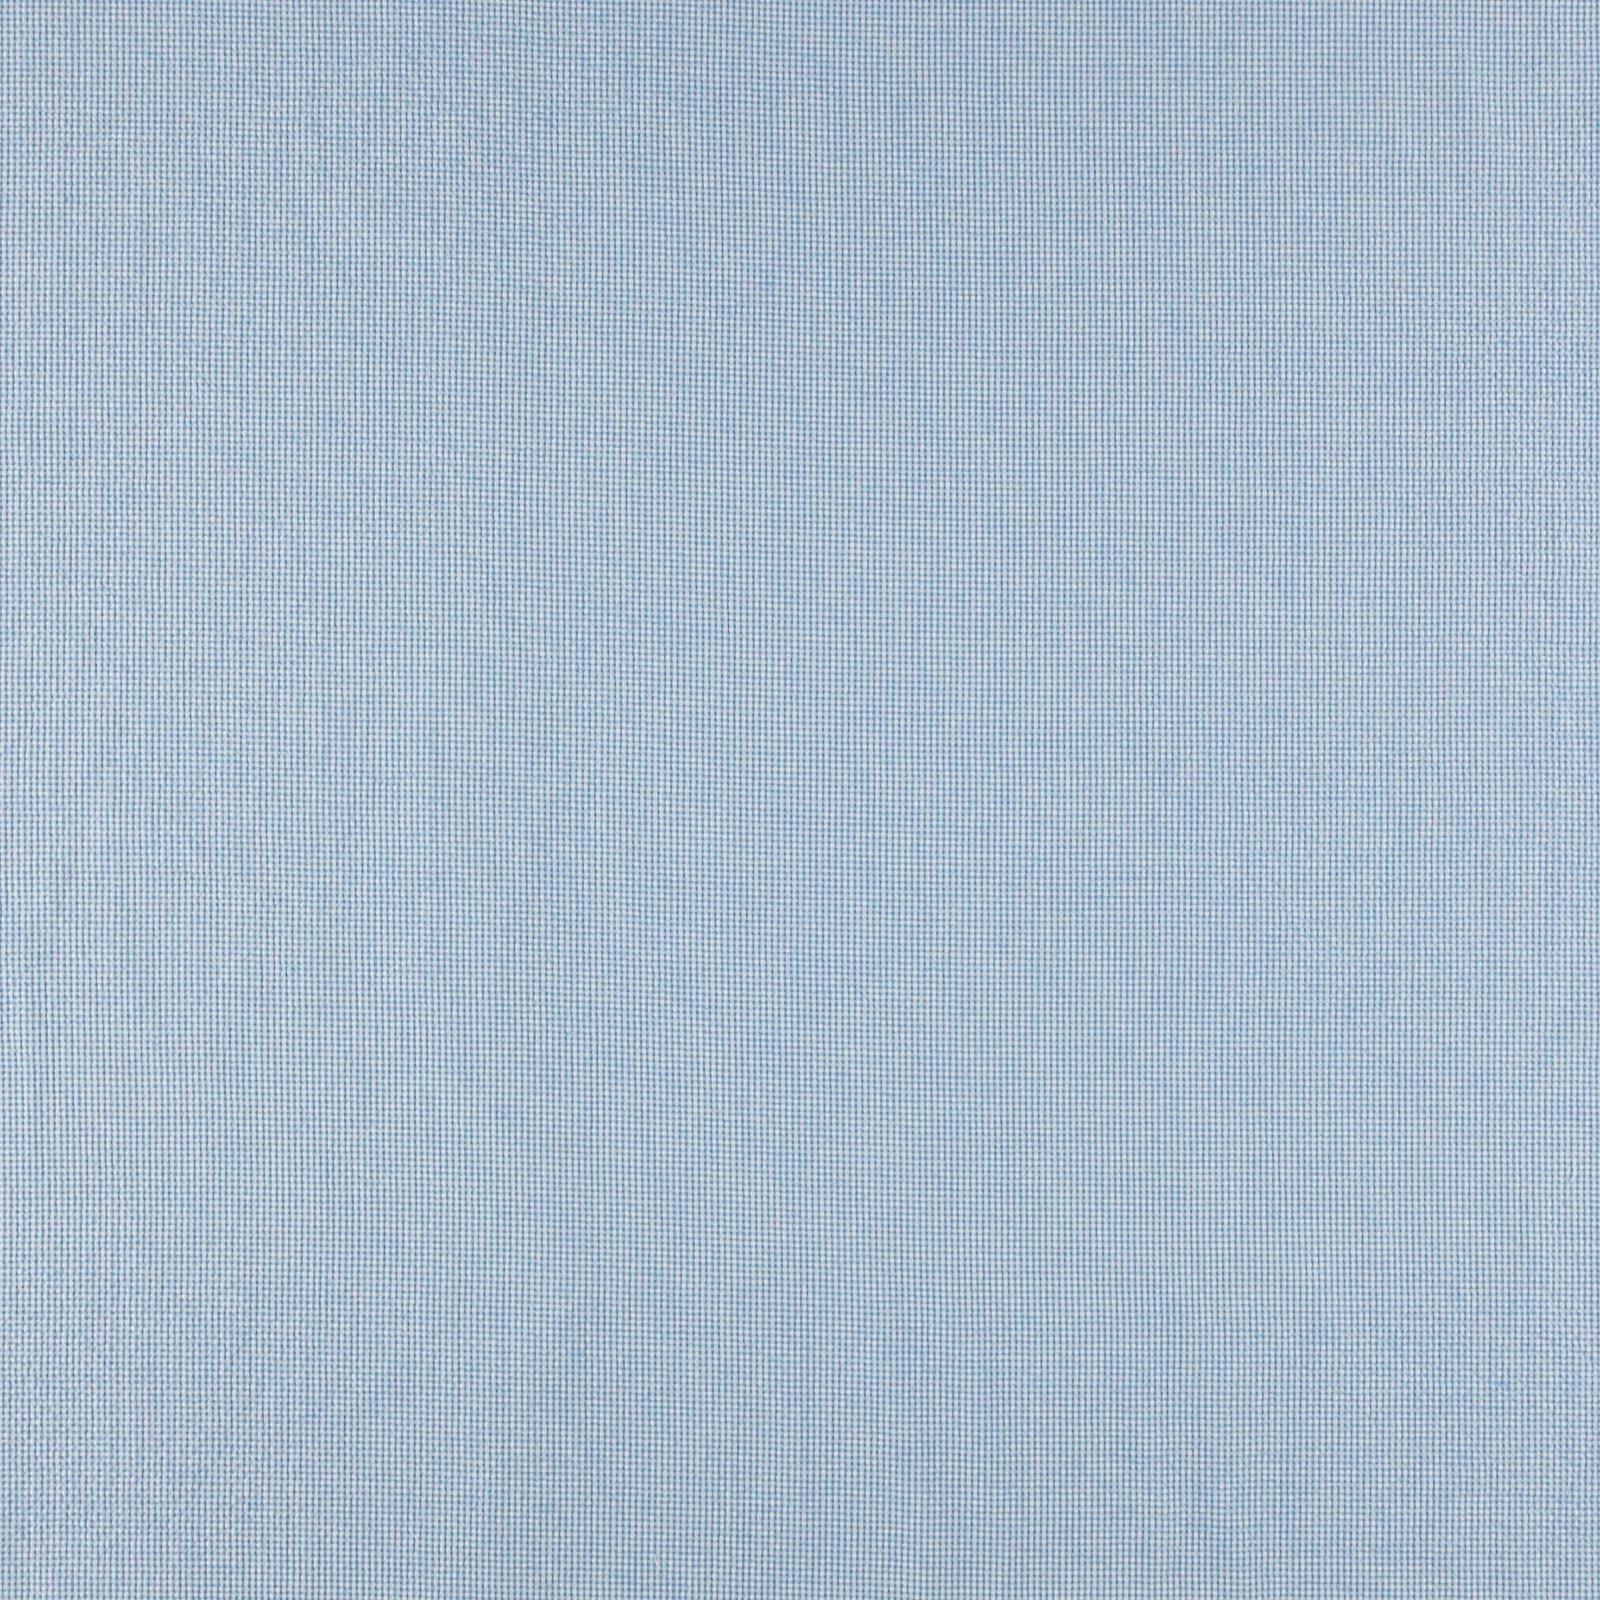 Seersucker bright blue/white YD check 510532_pack_sp